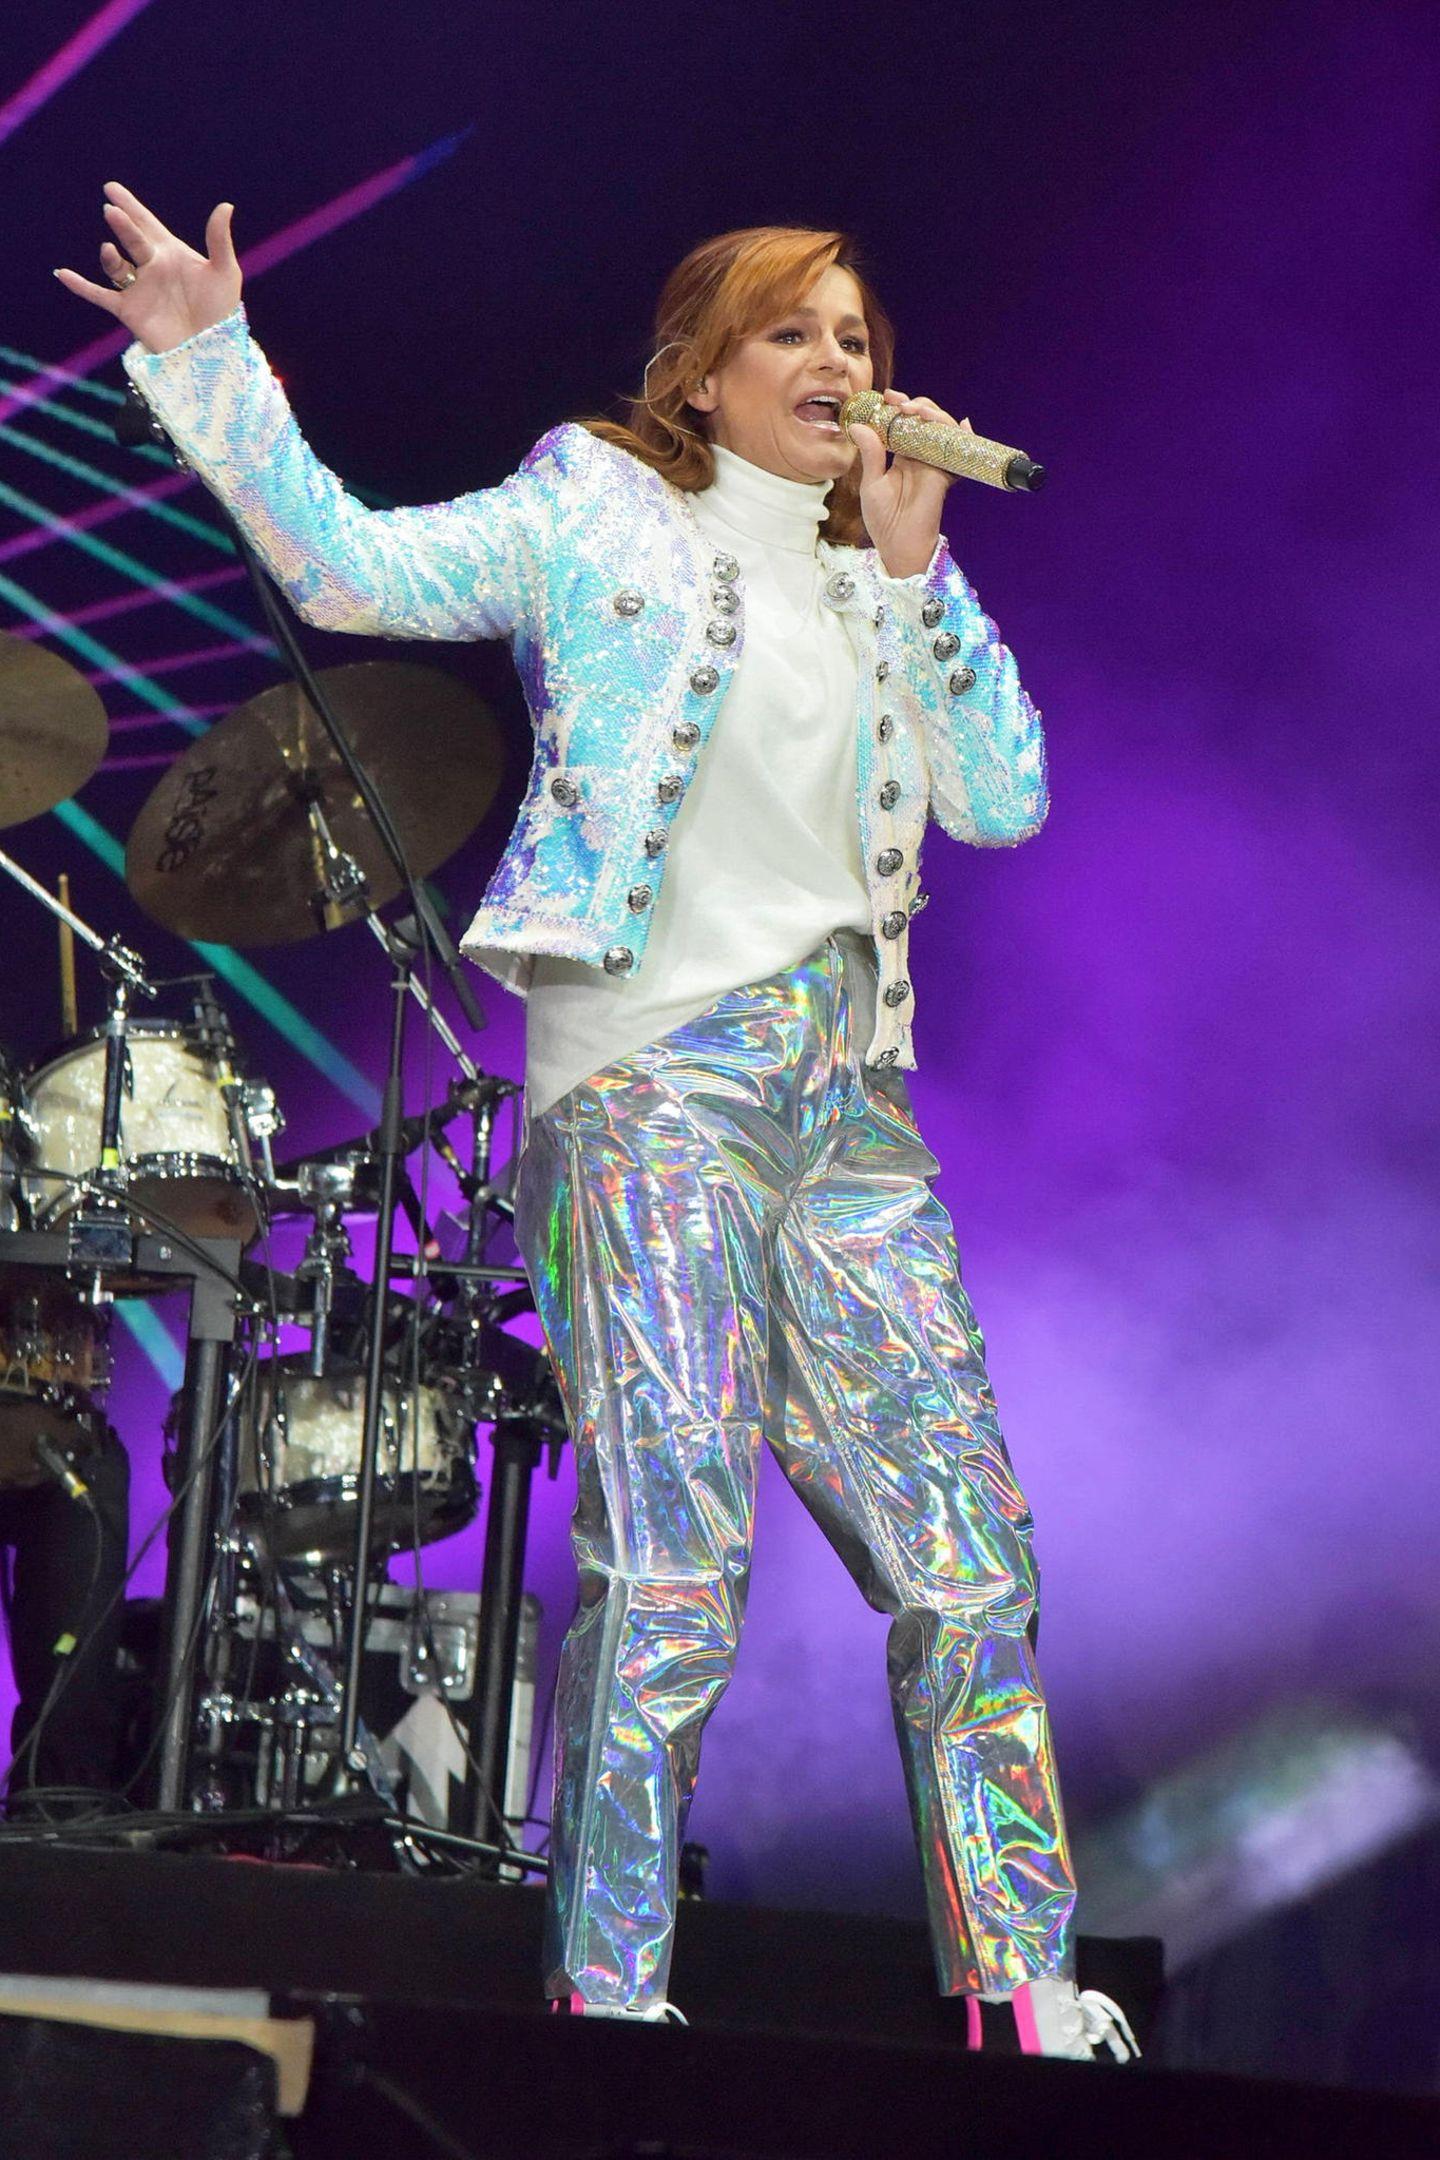 Für Karneval eignet sich dieses spacige Outfit sicherlich ausgezeichnet. Auf der Bühne sind wir allerdings weitaus modischere Outfits von Andrea Berg gewohnt.